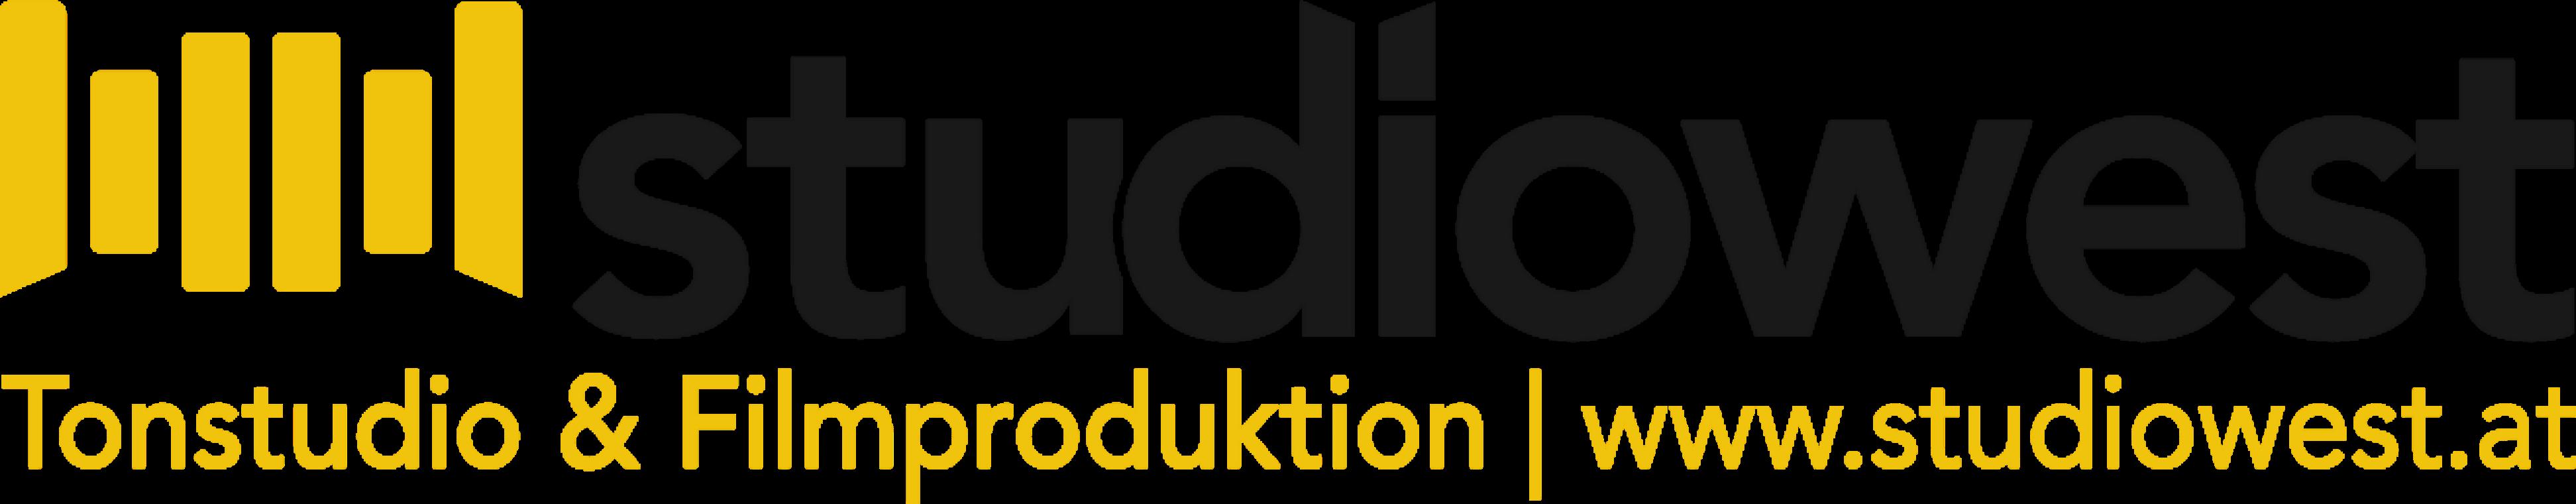 Studio West - Jürgen Eiter